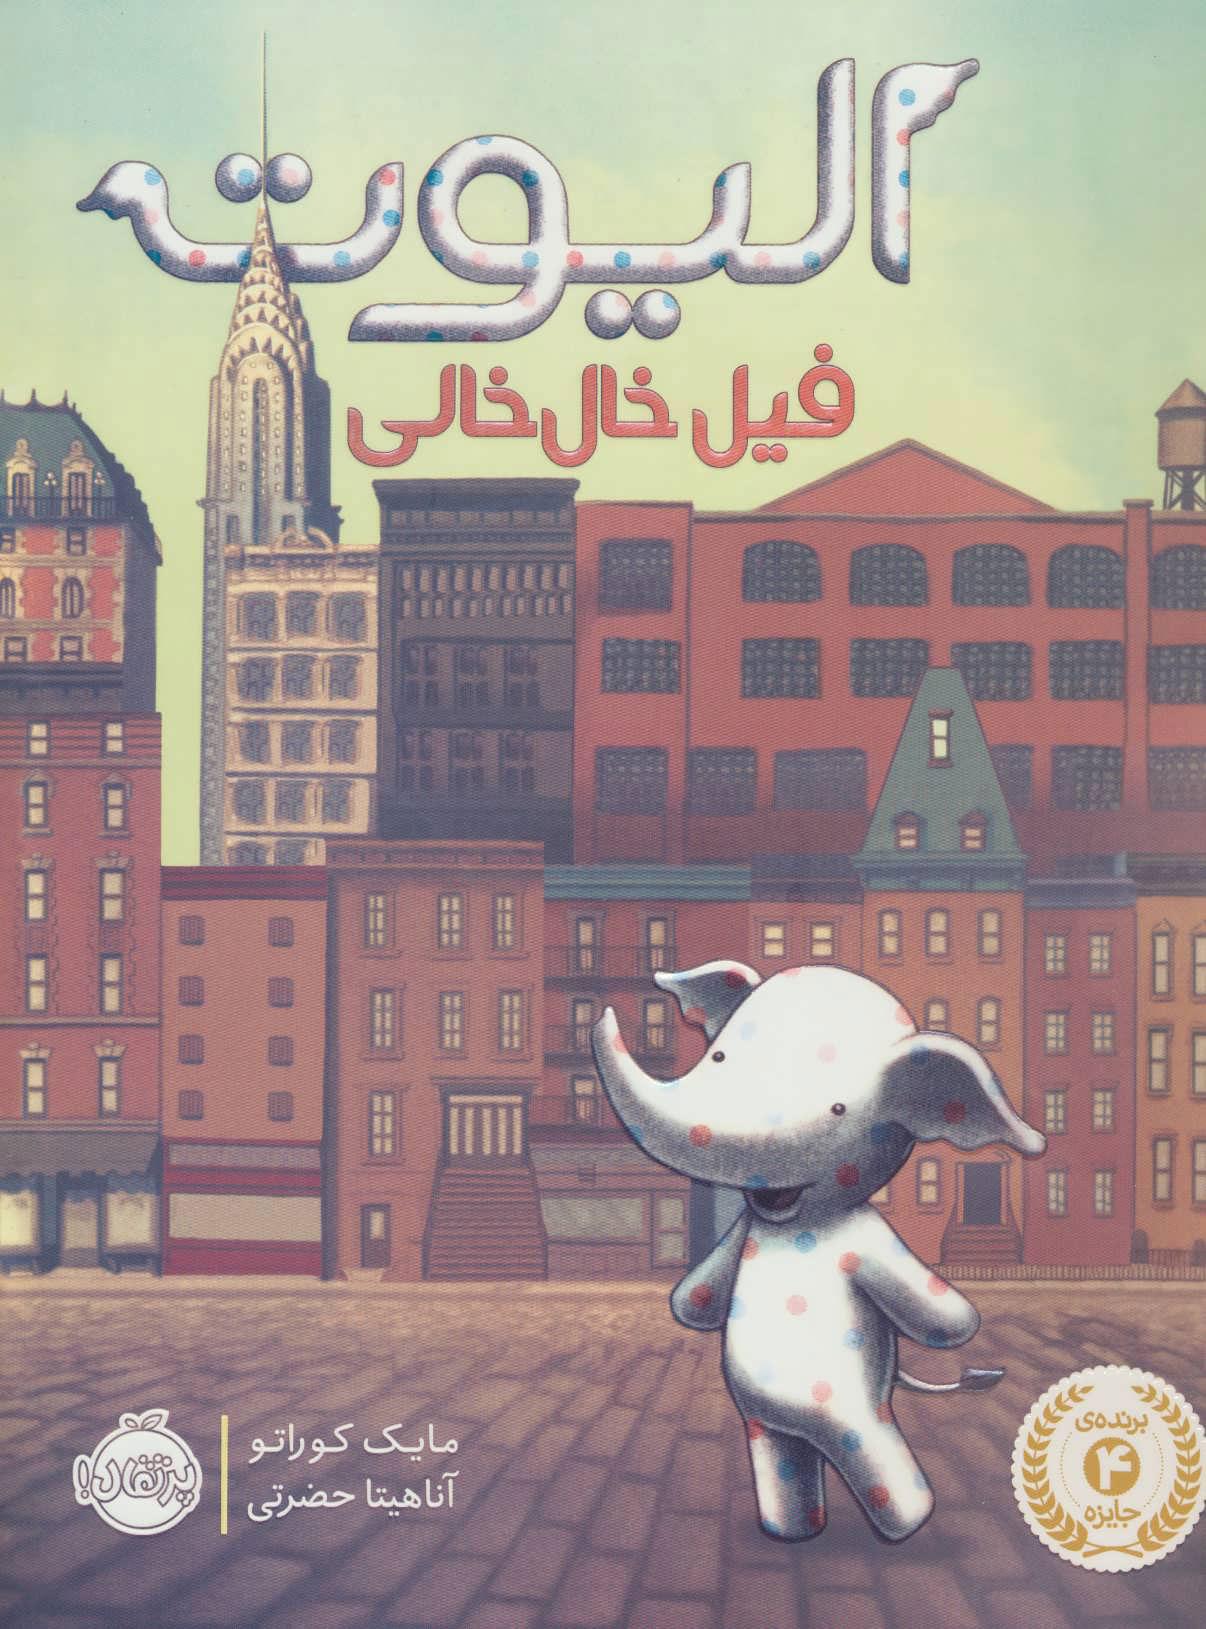 رمان الیوت فیل خال خالی